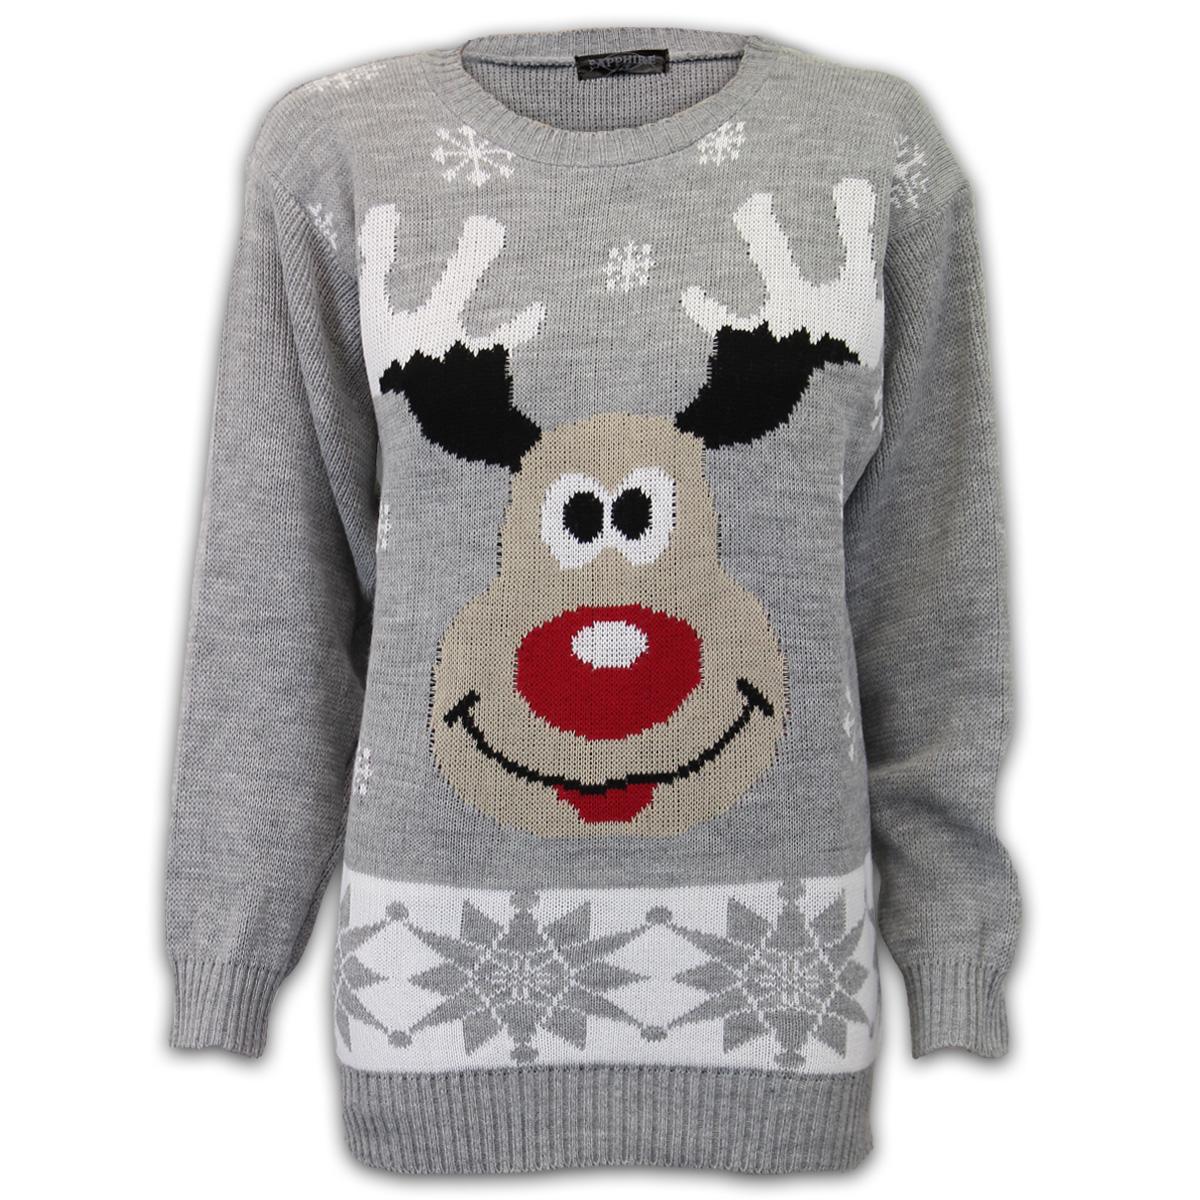 Homme noël pull élimée de noël tricoté bonhomme de neige père noël nouveauté pull nouveau